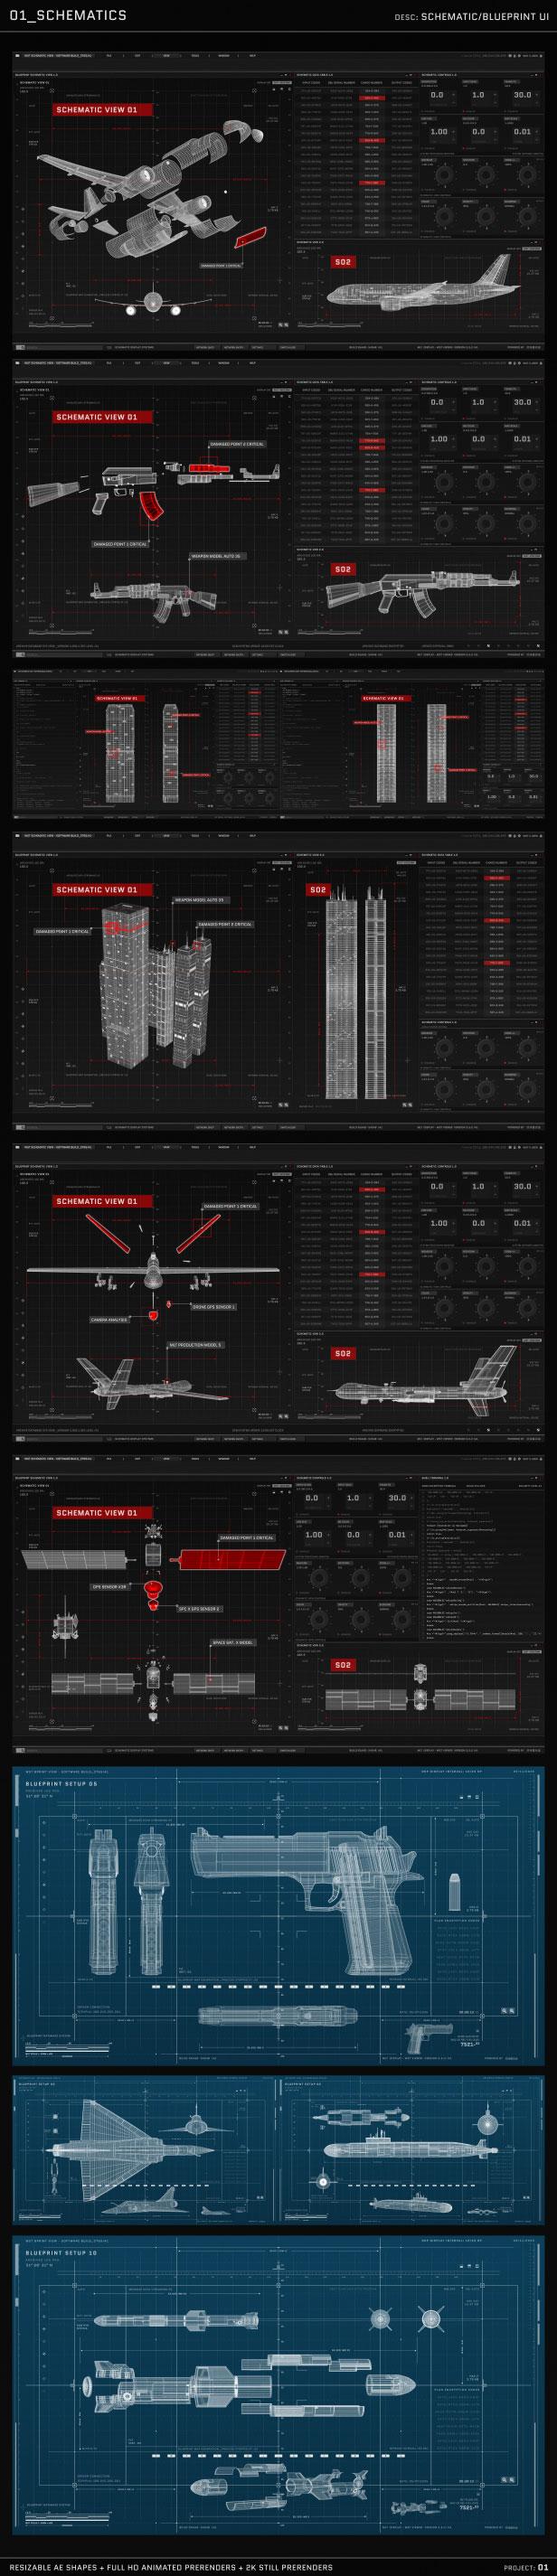 AE模板 HUD动画图形包电影电视游戏UI图形设计元素